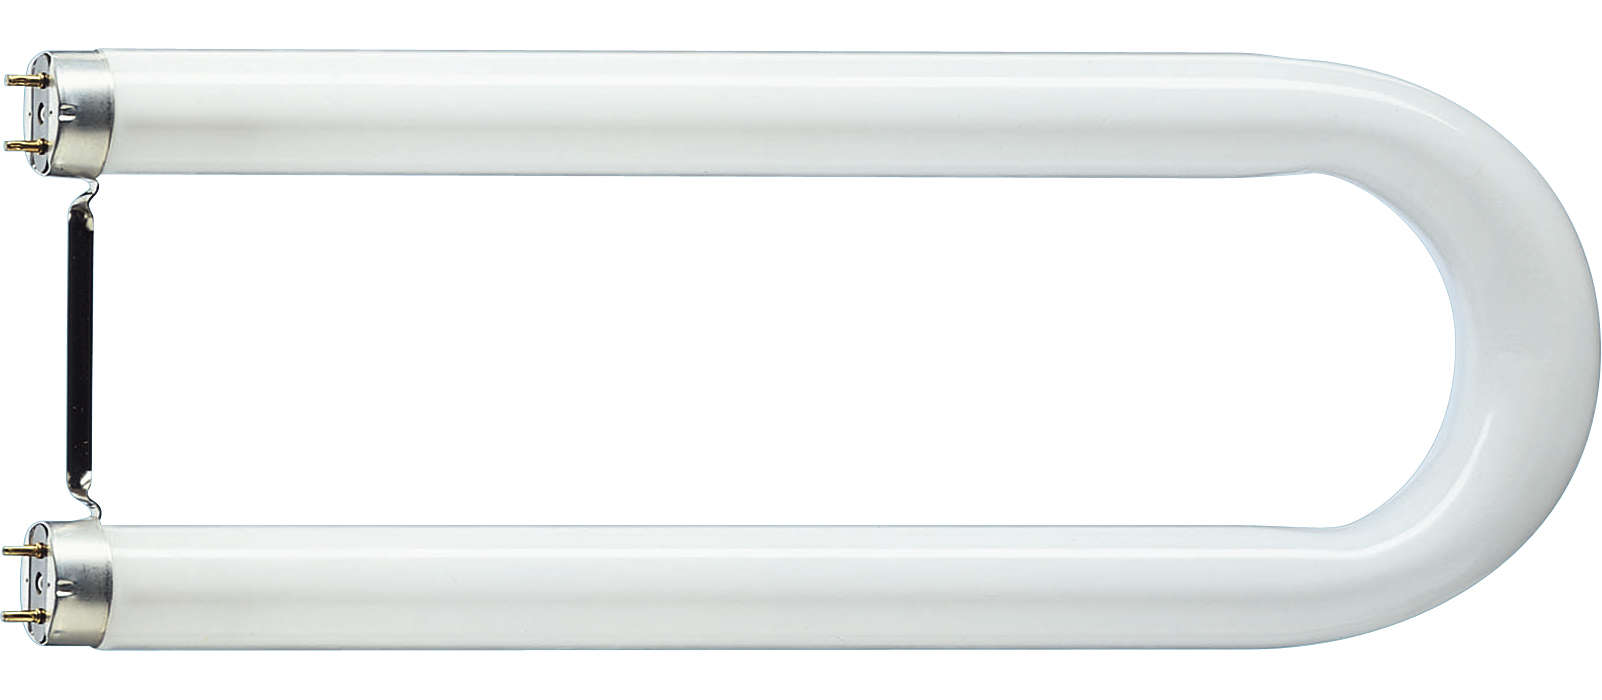 Éclairage fluorescent en forme de U